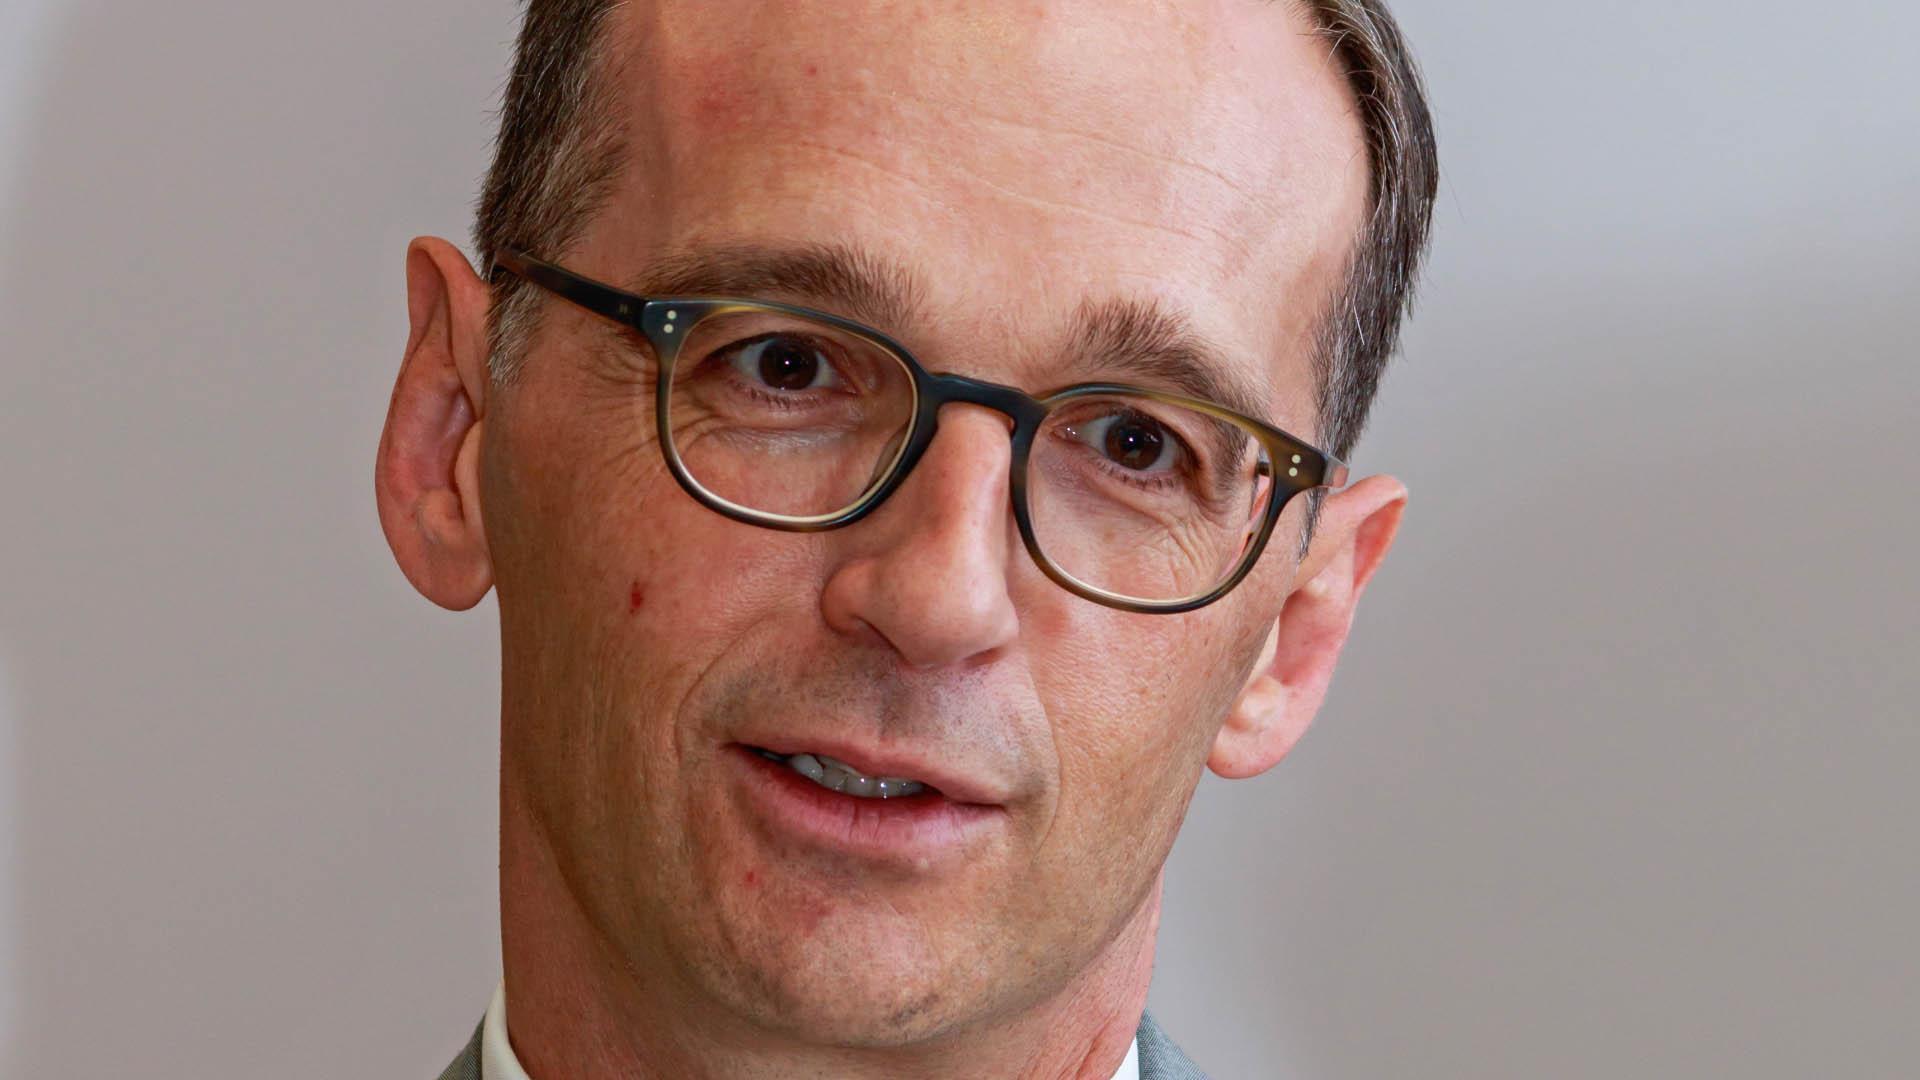 """Bundesjustizminister Heiko Maas: """"Es wird auf jeden von uns mehr Verantwortung zukommen, das, was man im Internet sieht und findet, nicht einfach vorbehaltlos zu übernehmen."""""""